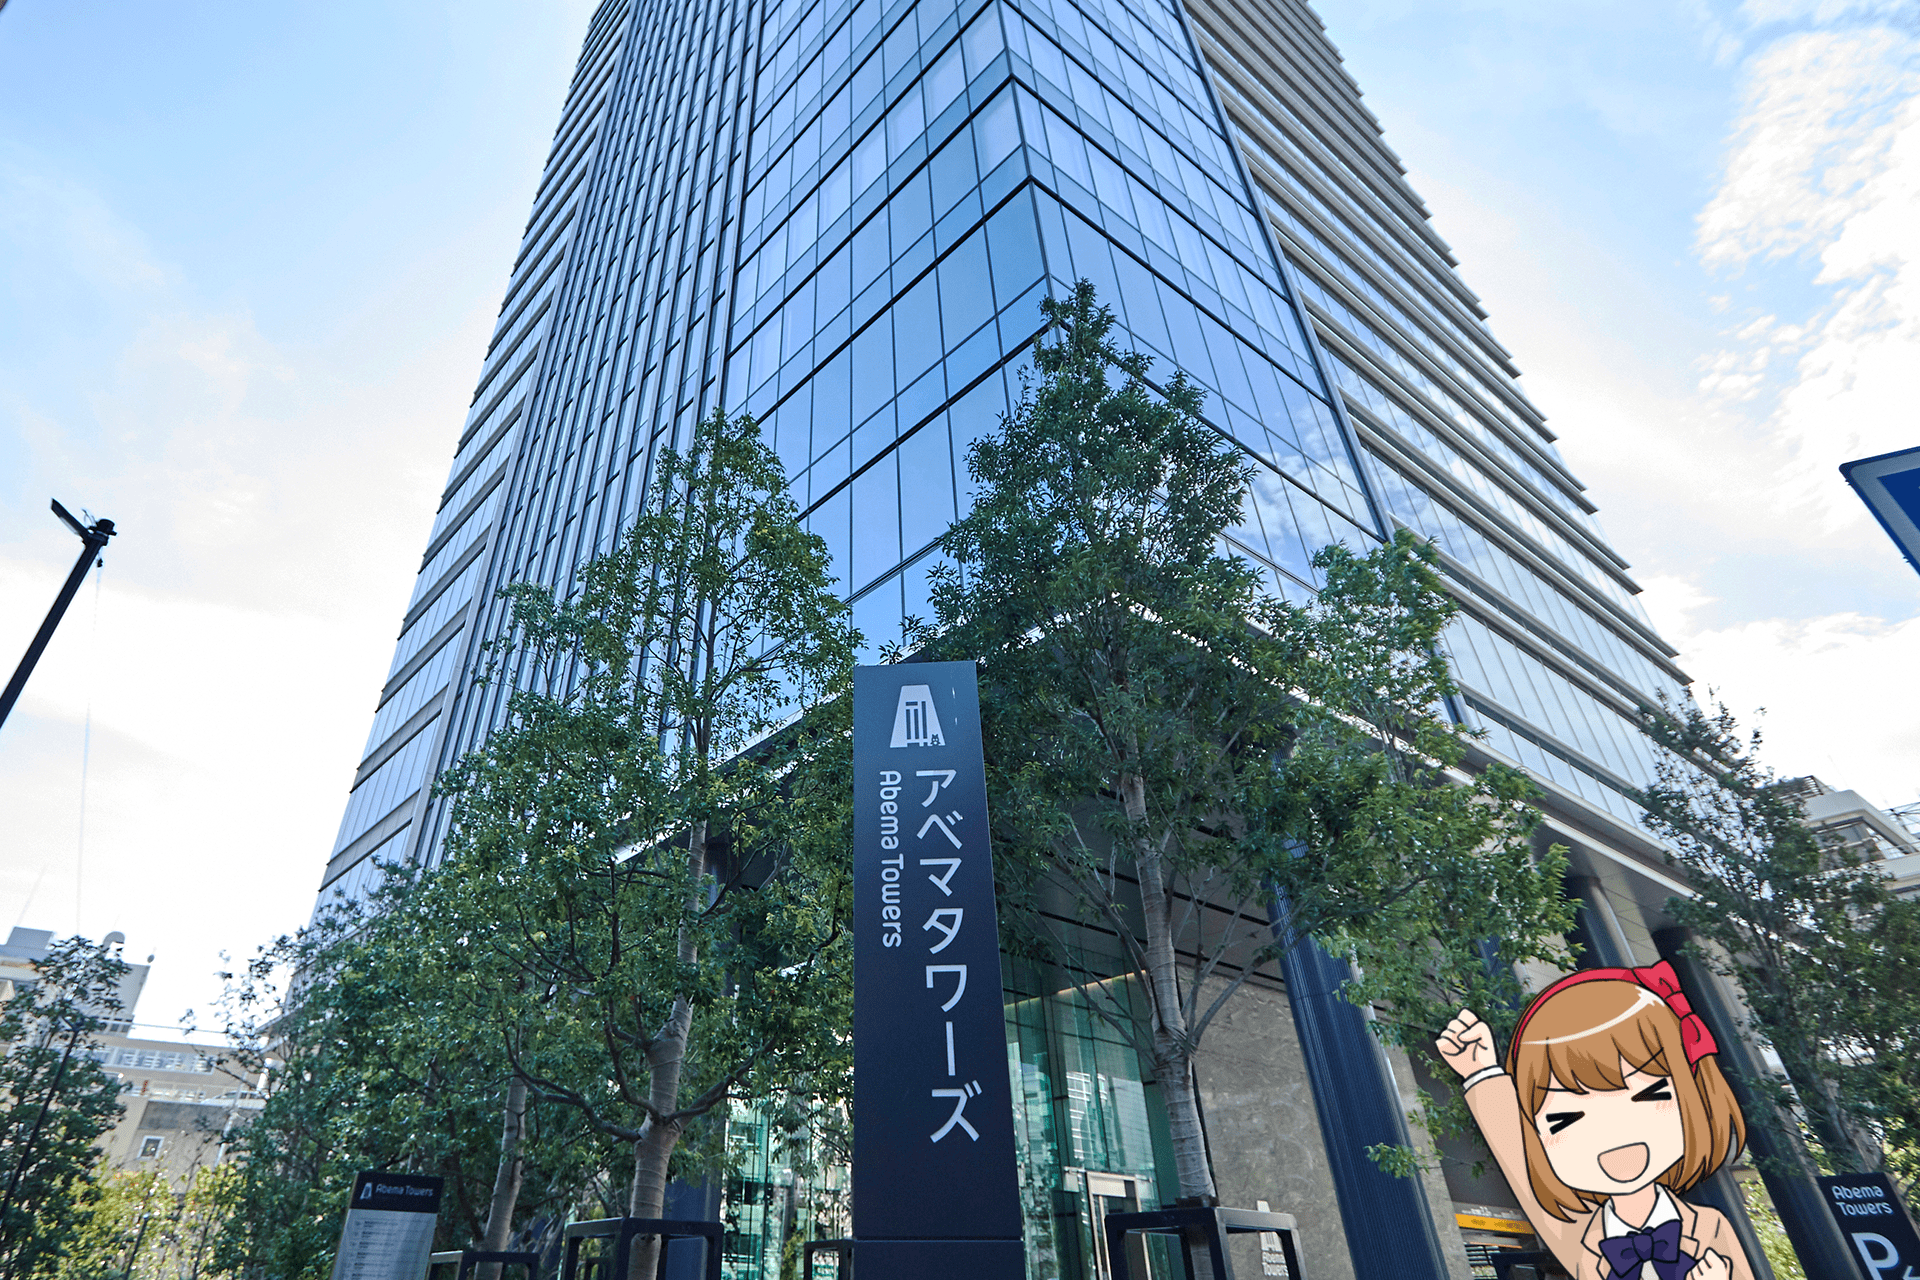 『話題の「Abema Towers」の中はどうなっている? サイバーエージェントのオフィスはおしゃれで快適』のサムネイル